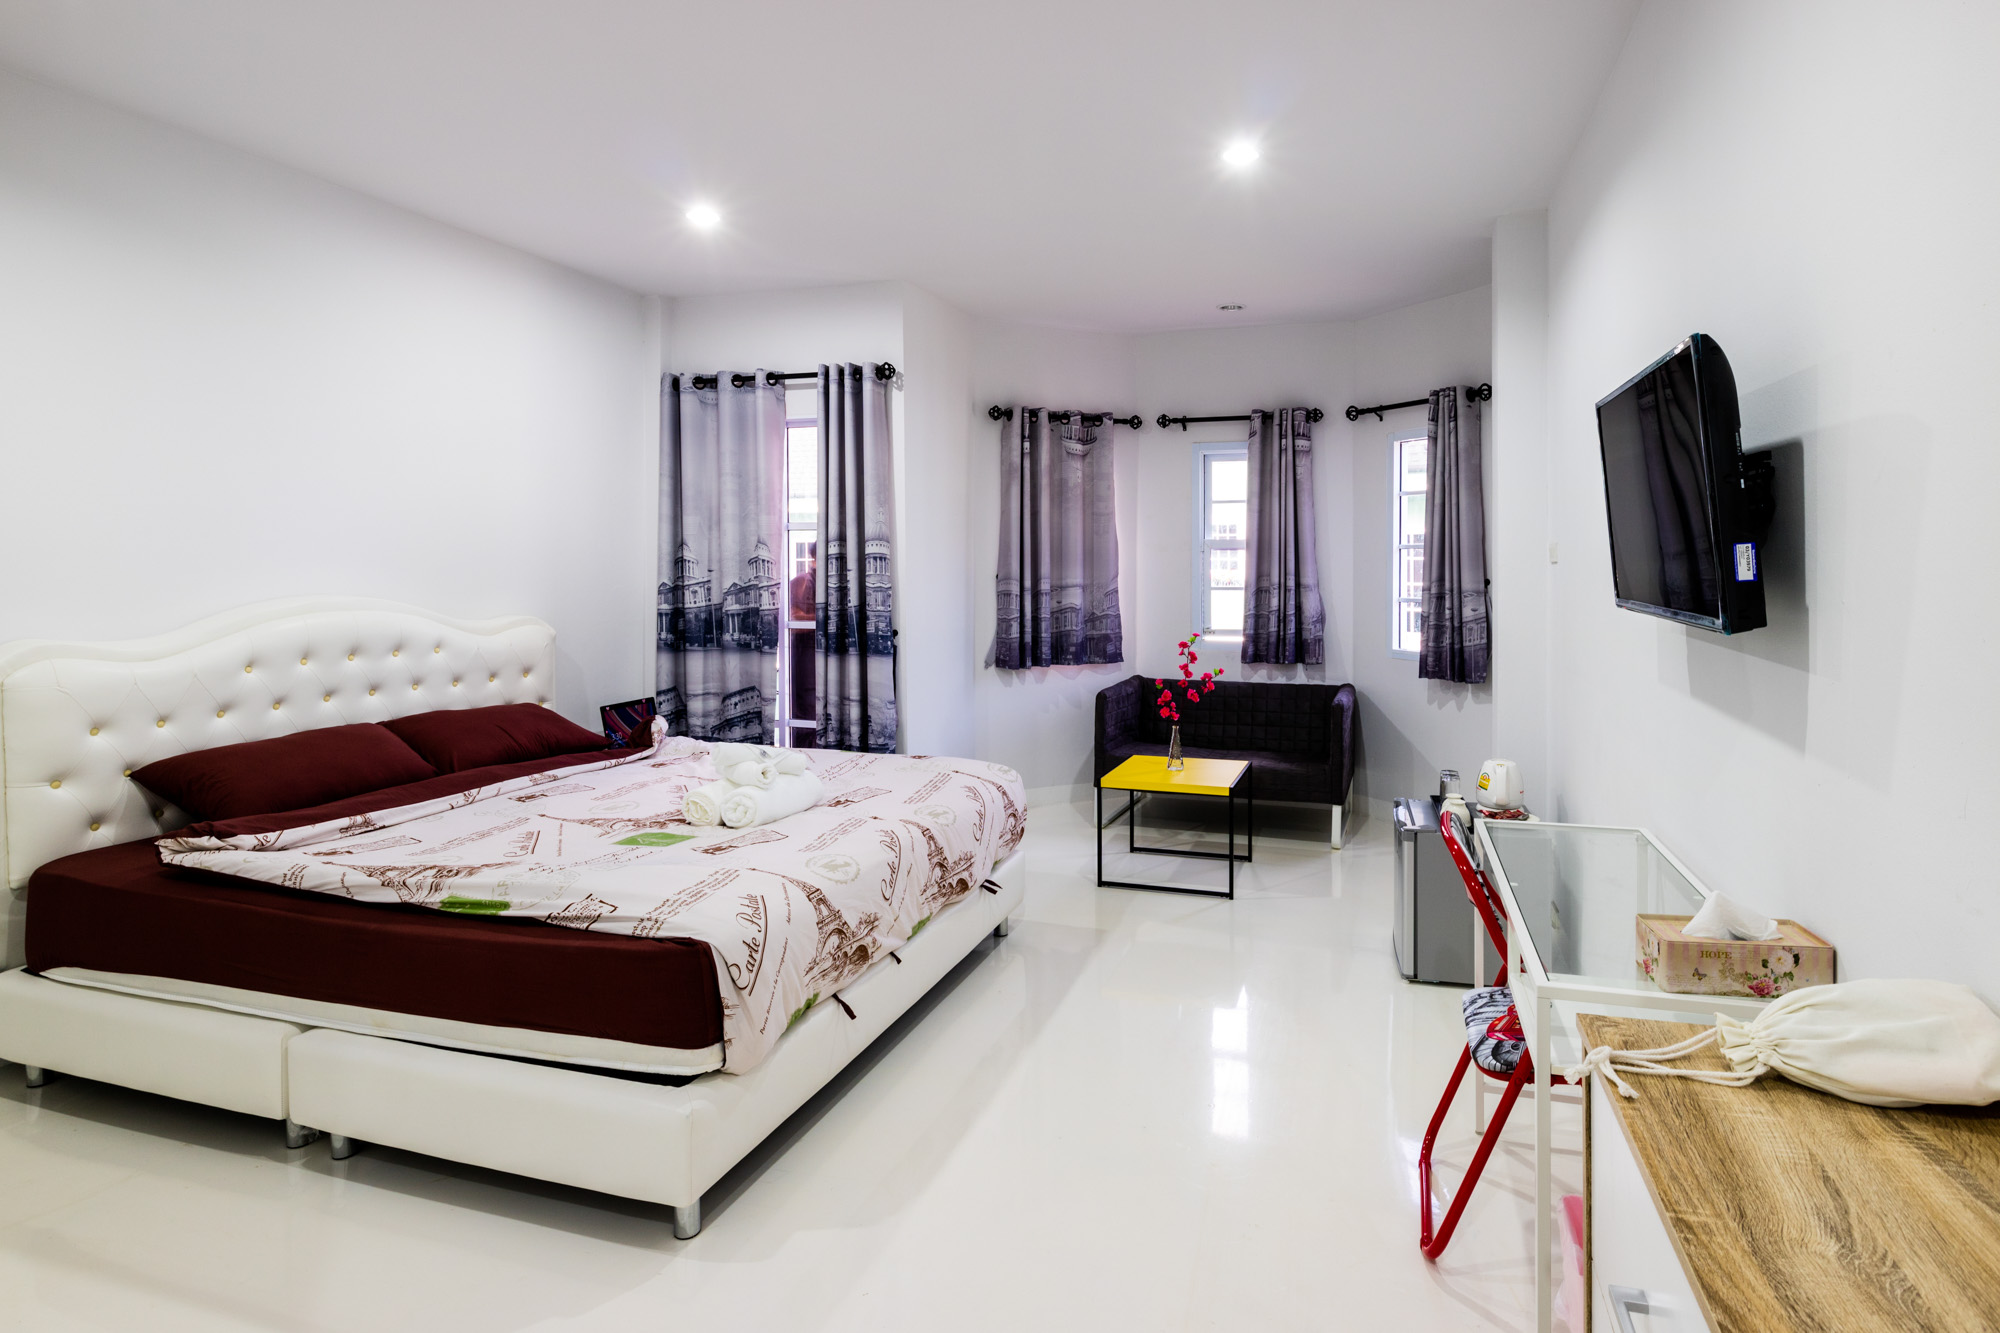 ณ บ้านแม่ รีสอร์ท ลำปาง  ณ บ้านแม่ รีสอร์ท Nabaanmae resort ลำปาง งามสไตล์ยุโรป IMG 3778